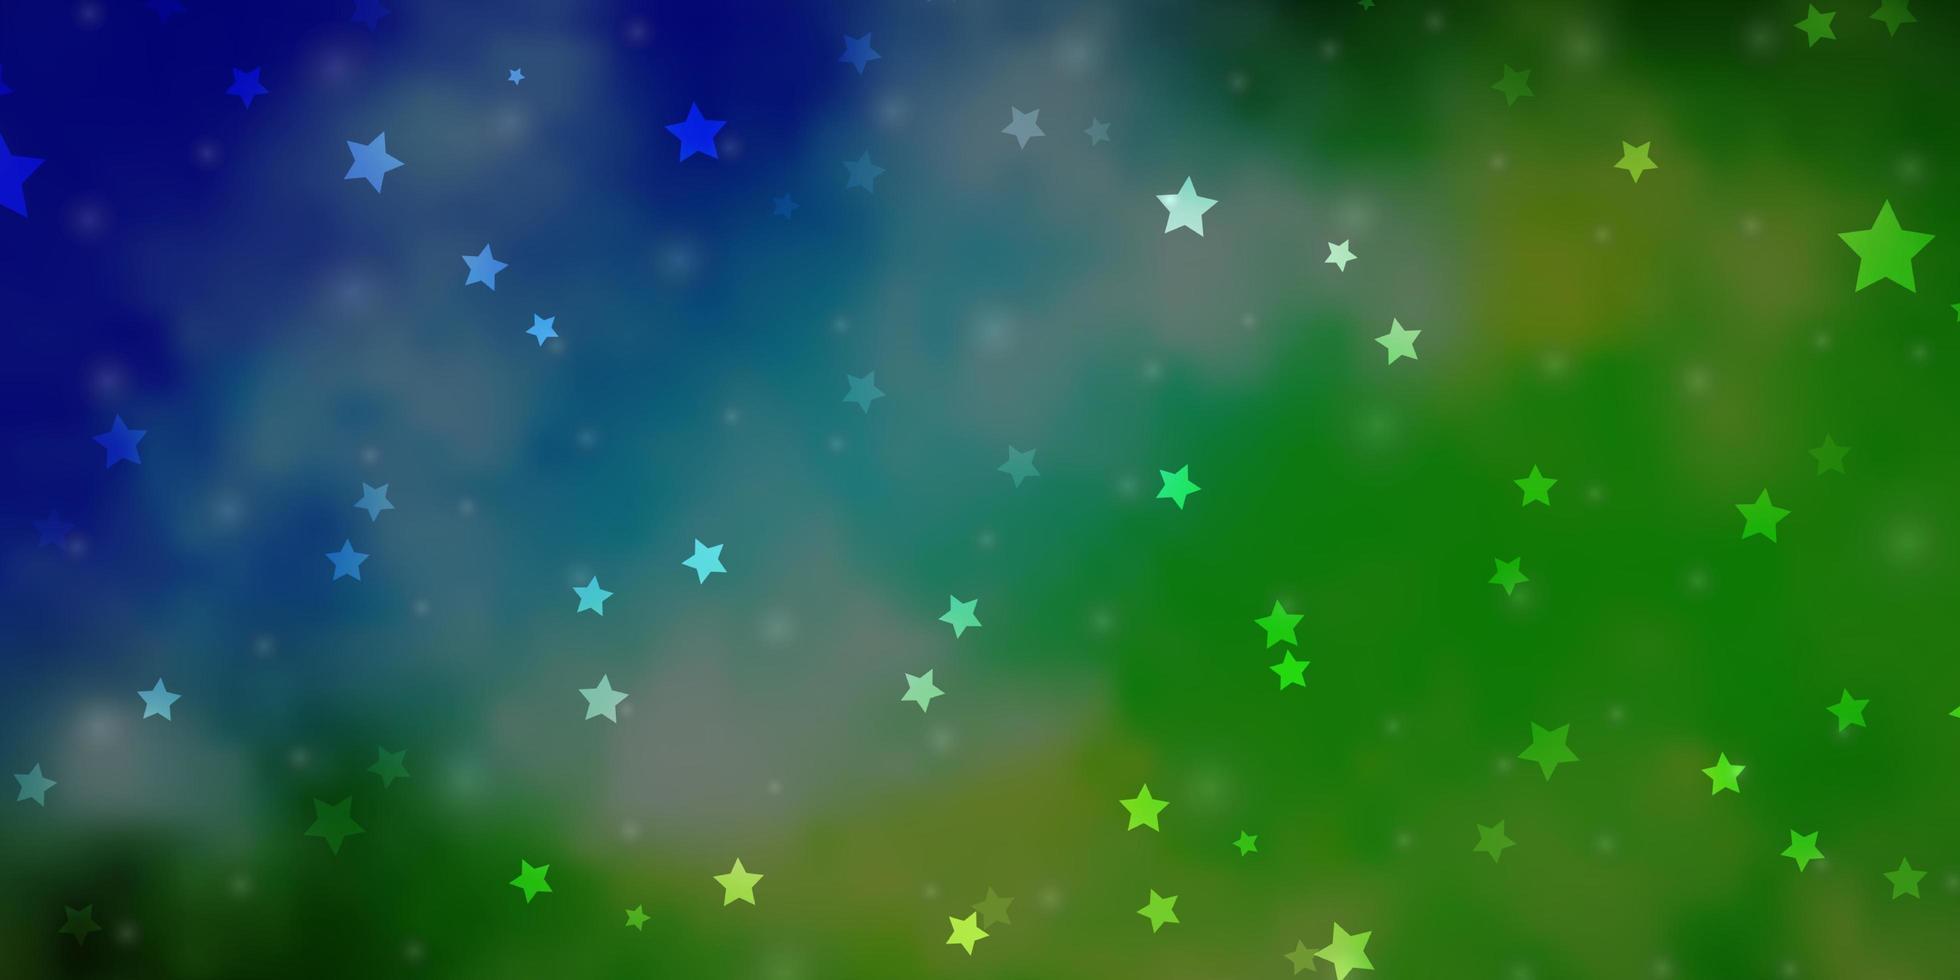 lichtblauwe, groene vectorlay-out met heldere sterren. vector